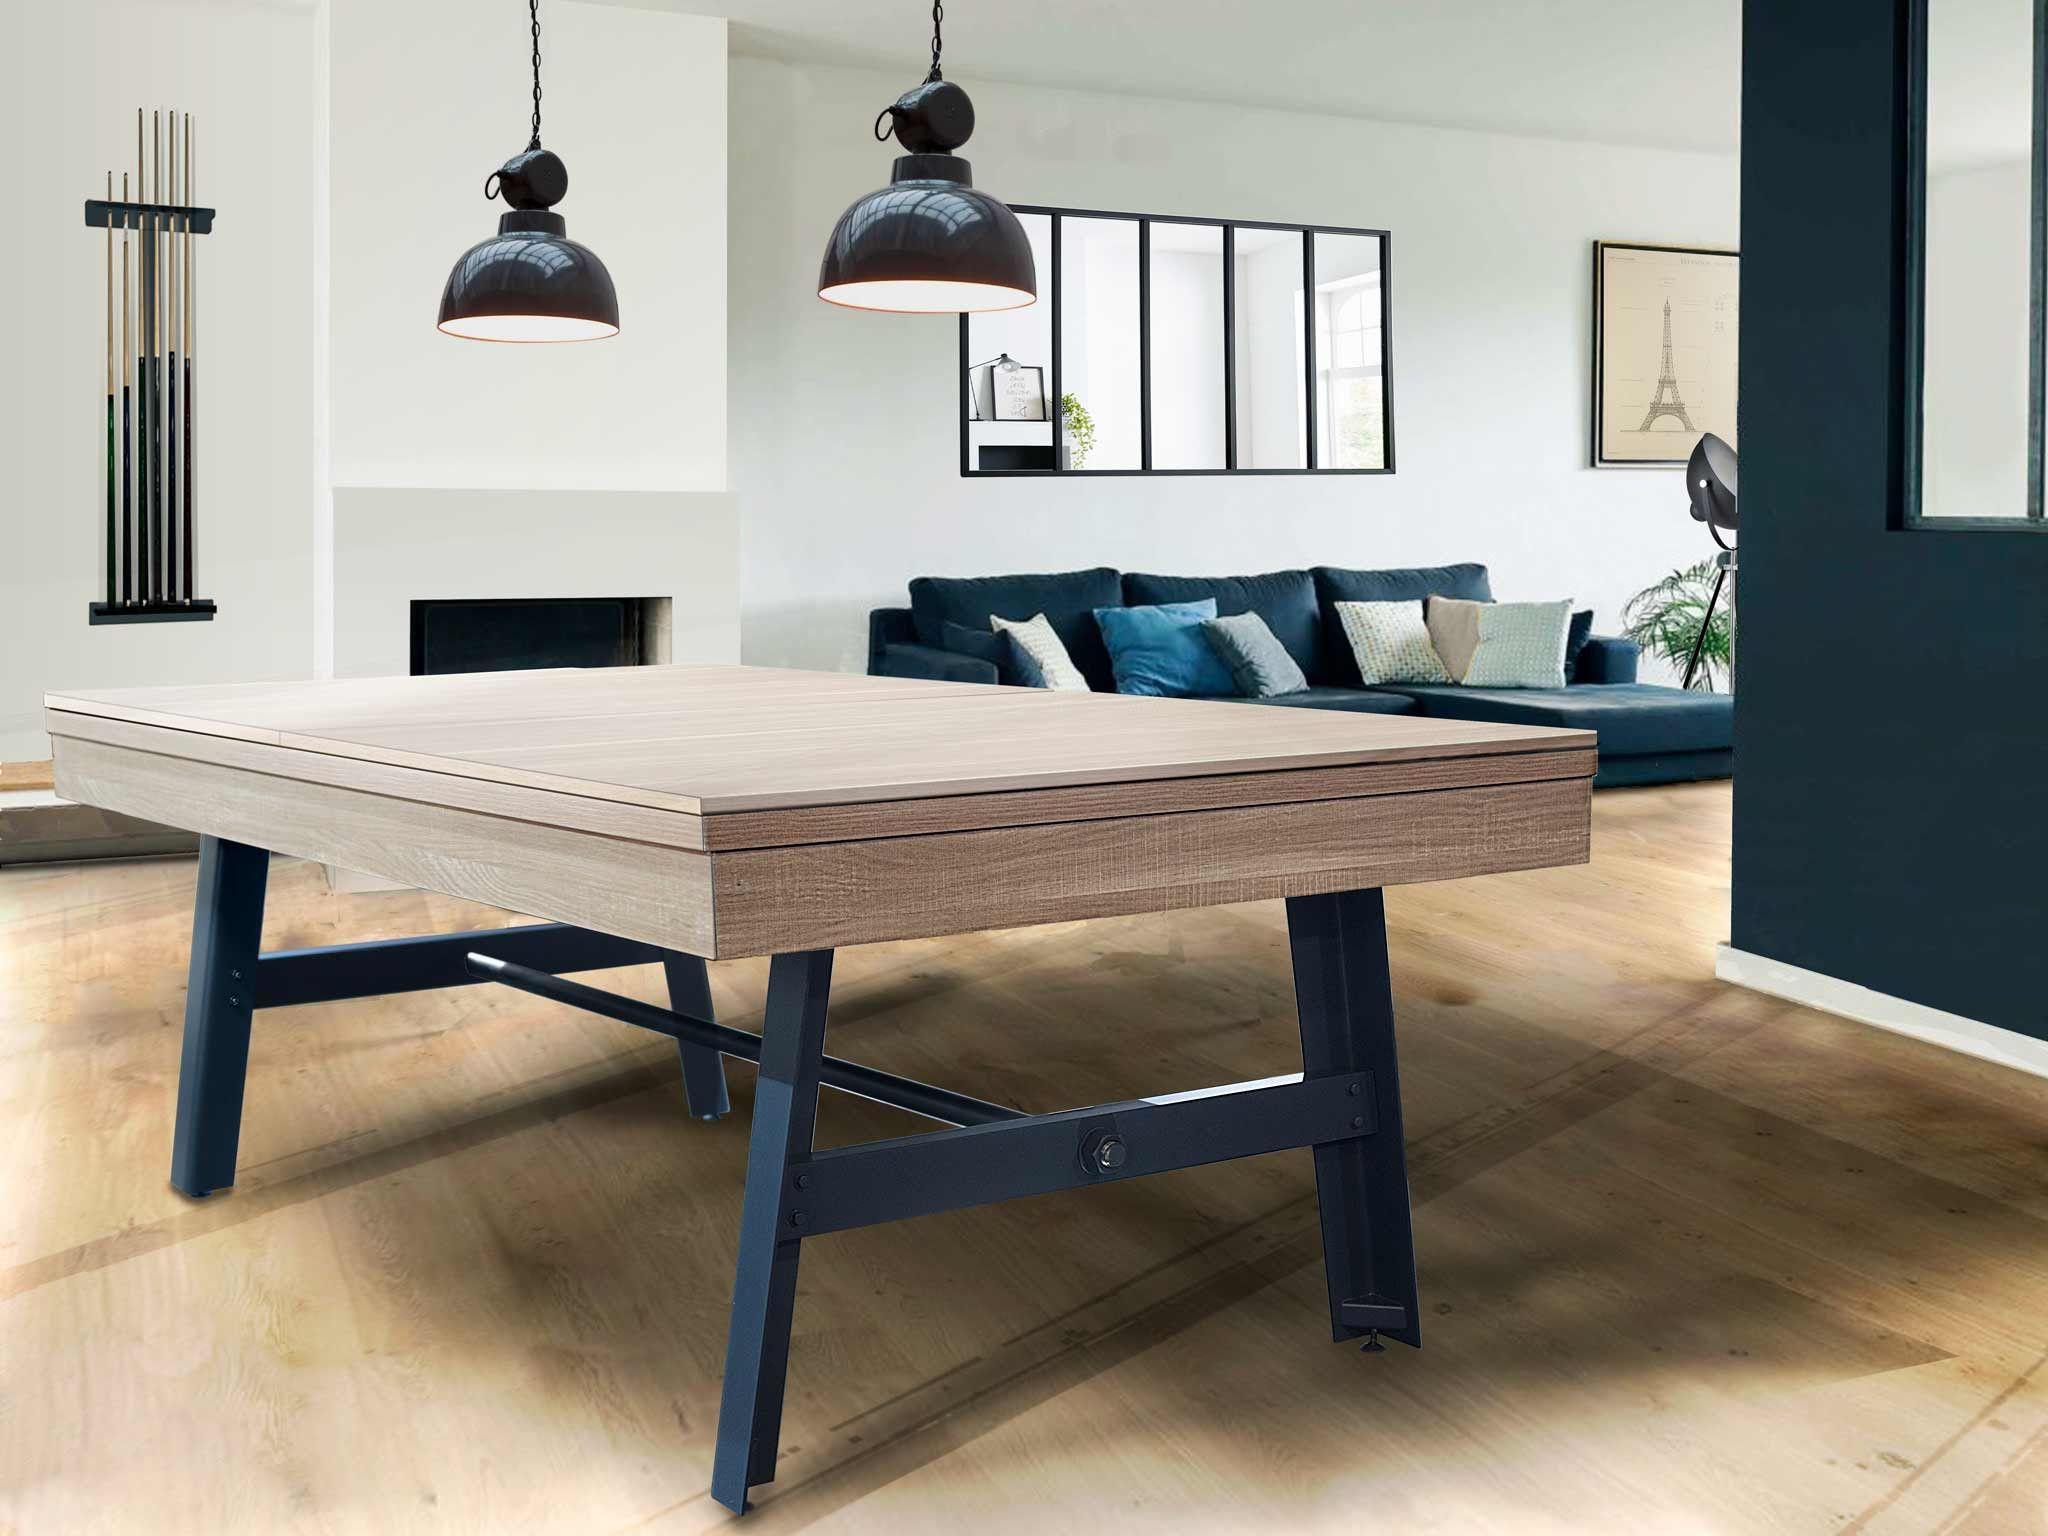 Billard table VINTAGE industriel convertible USFR en